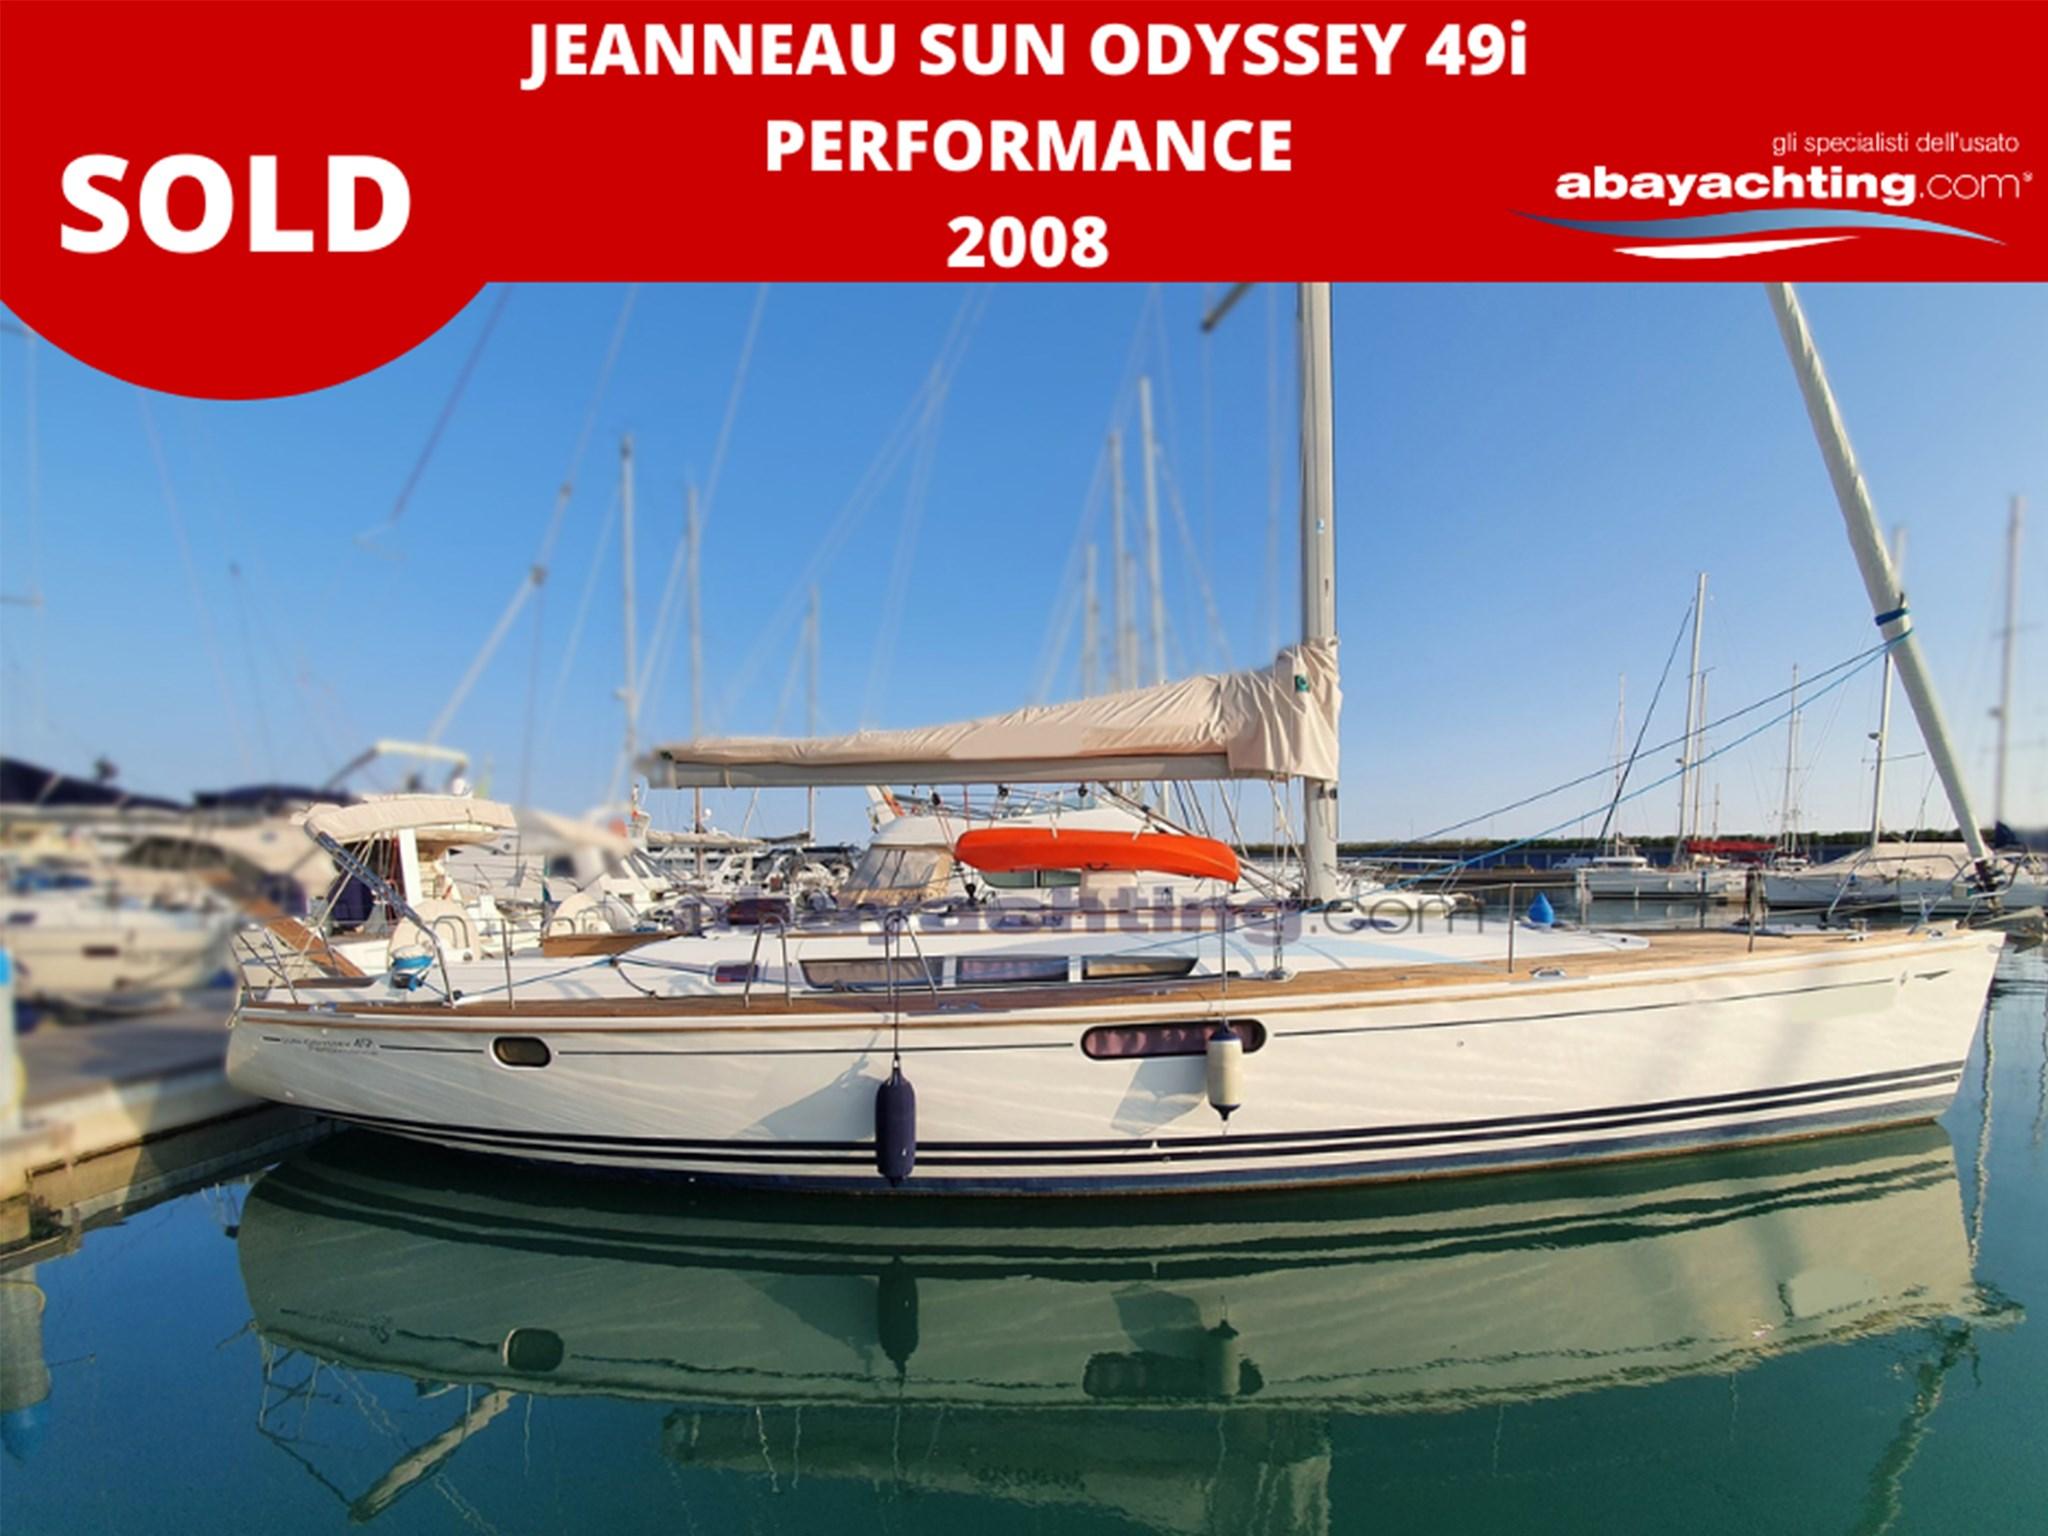 Jeanneau Sun Odyssey 49i 2008 vendu